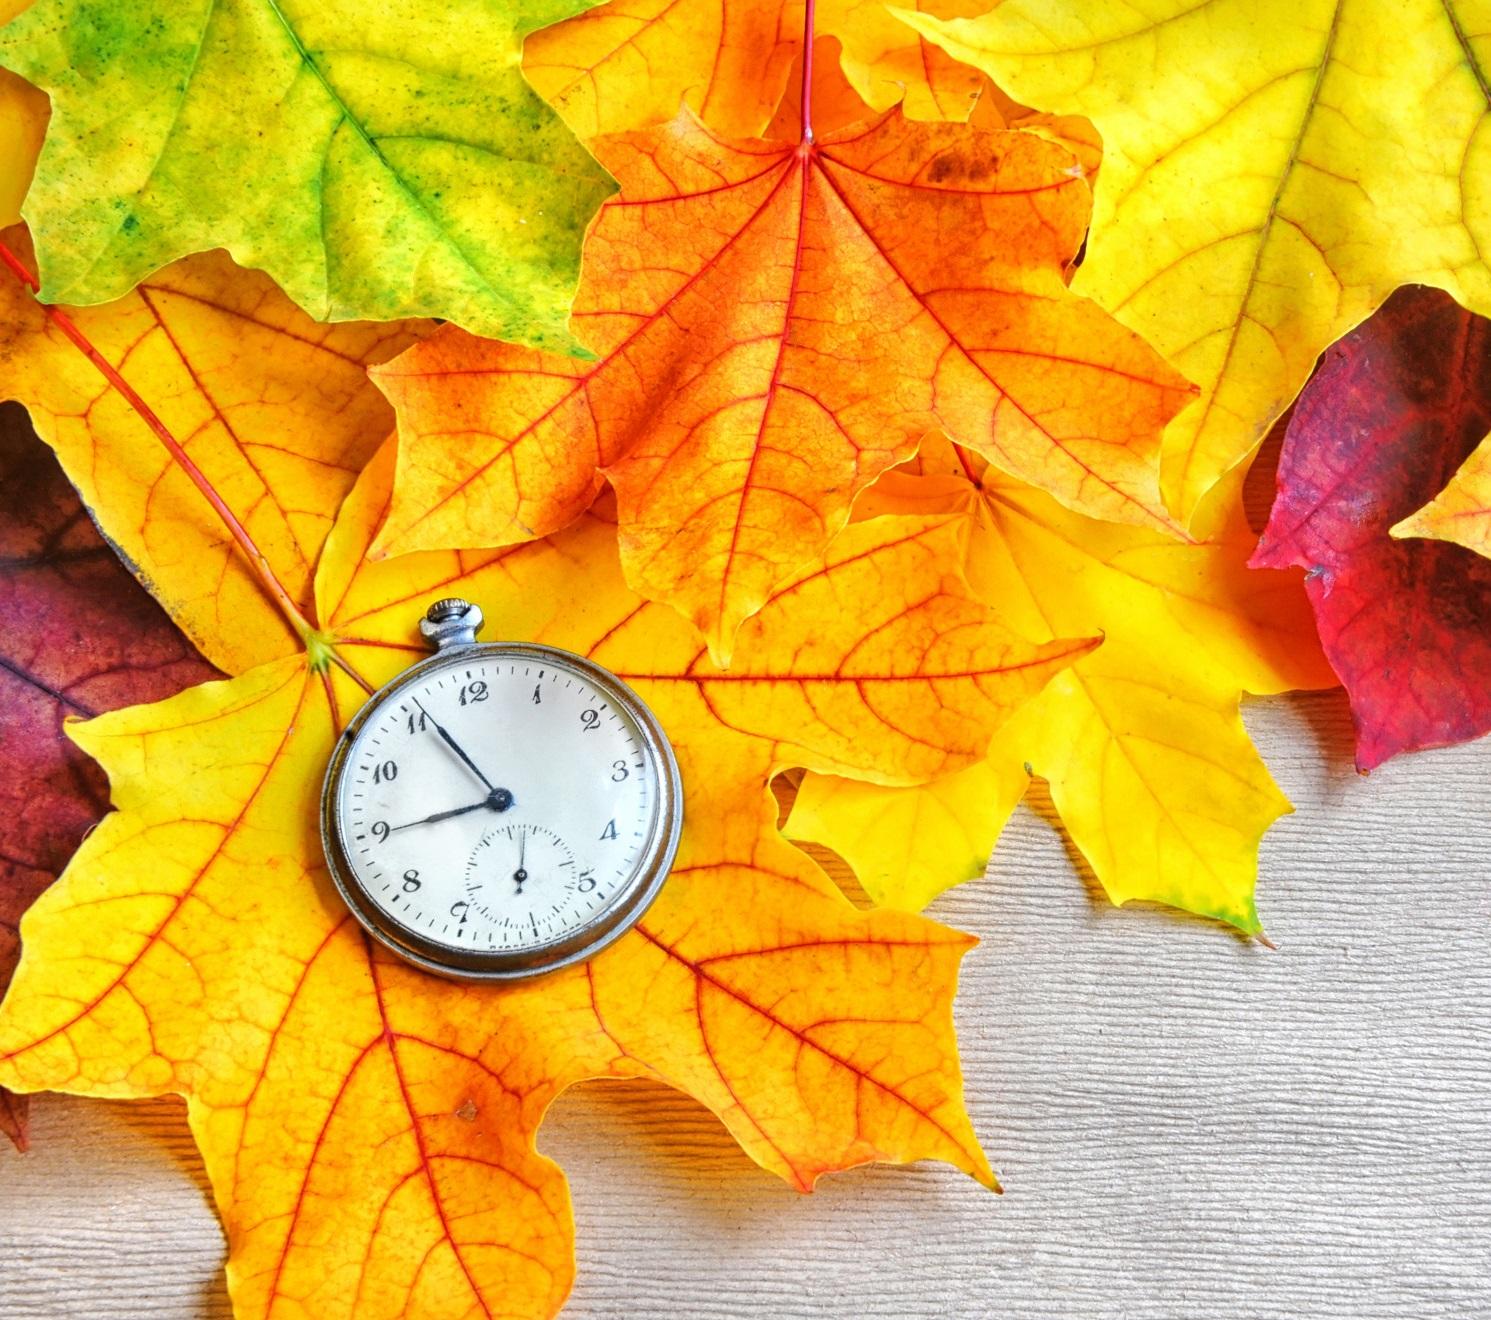 Листья опадают, осень к нам идет.